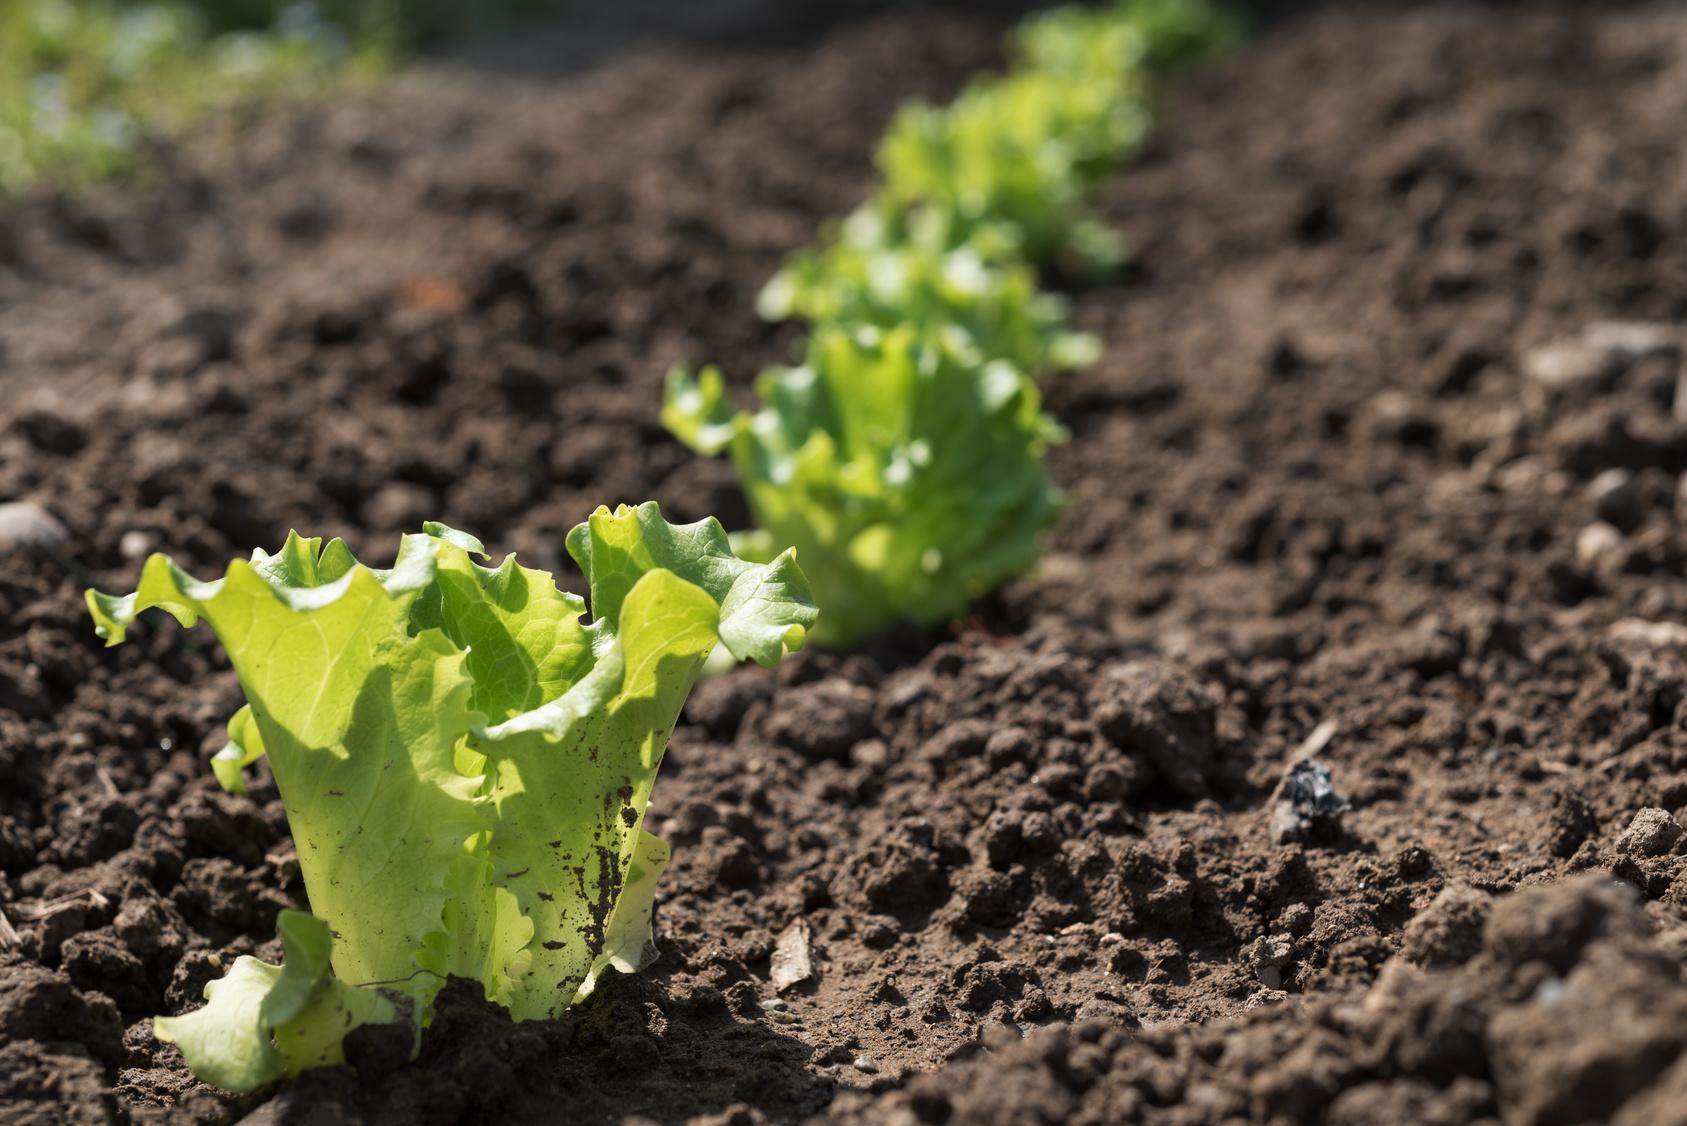 Orto in estate cosa piantare for Piantine orto prezzi